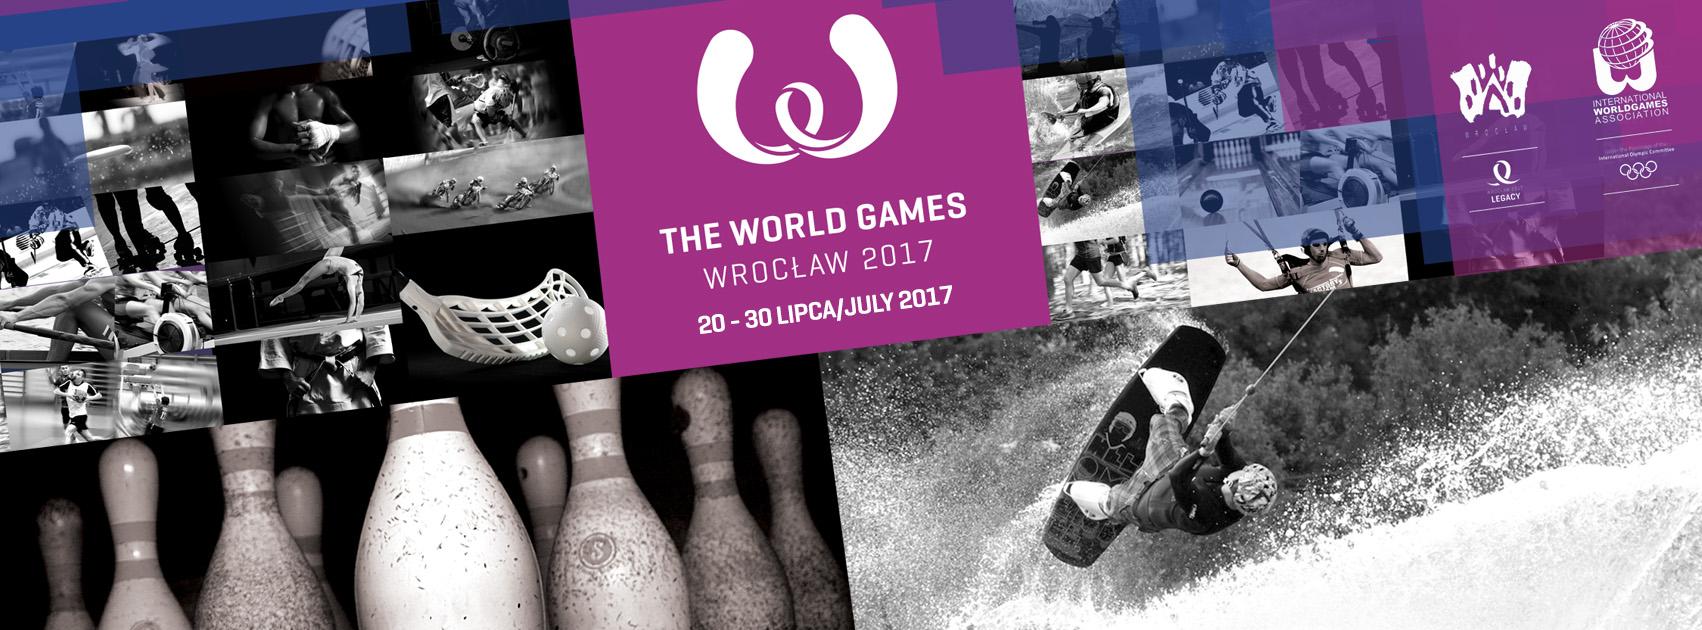 Poczuj atmosferę Igrzysk na TT Warsaw – The World Games 2017